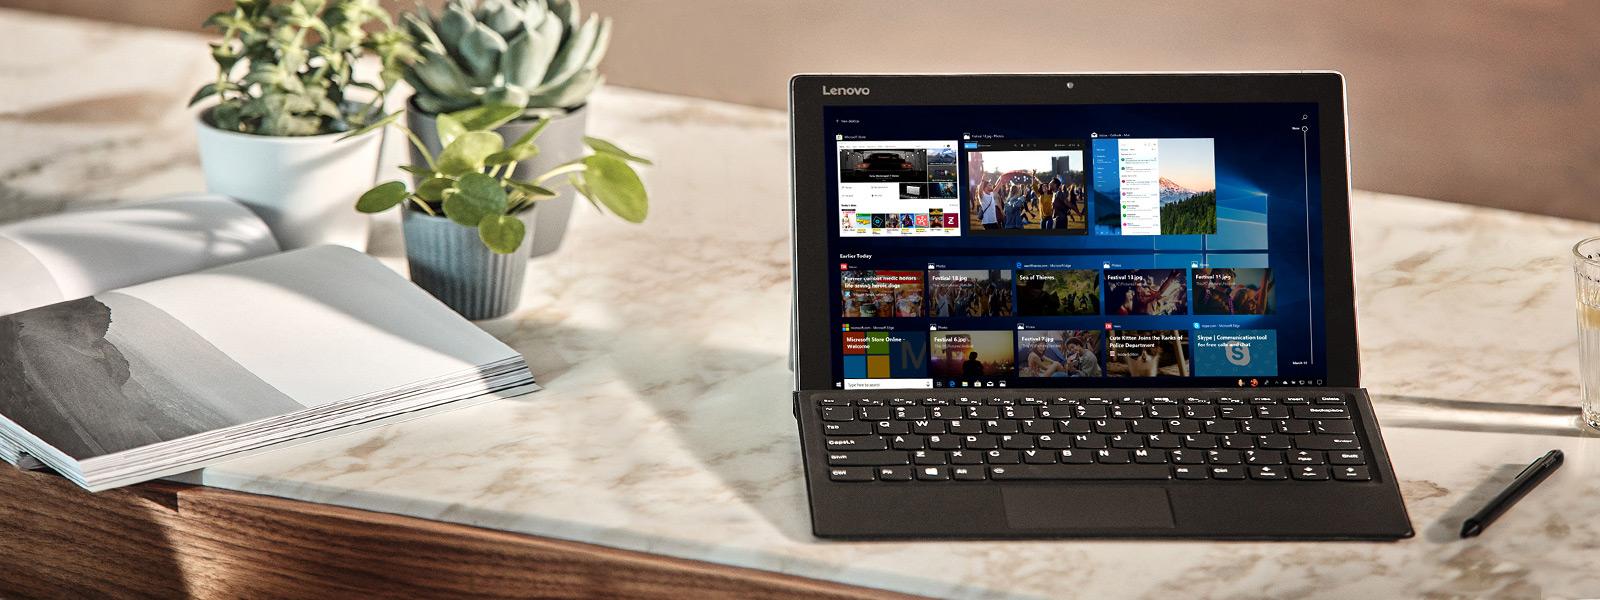 Computerskærm, der viser en funktion i Windows 10 April 2018-opdateringen